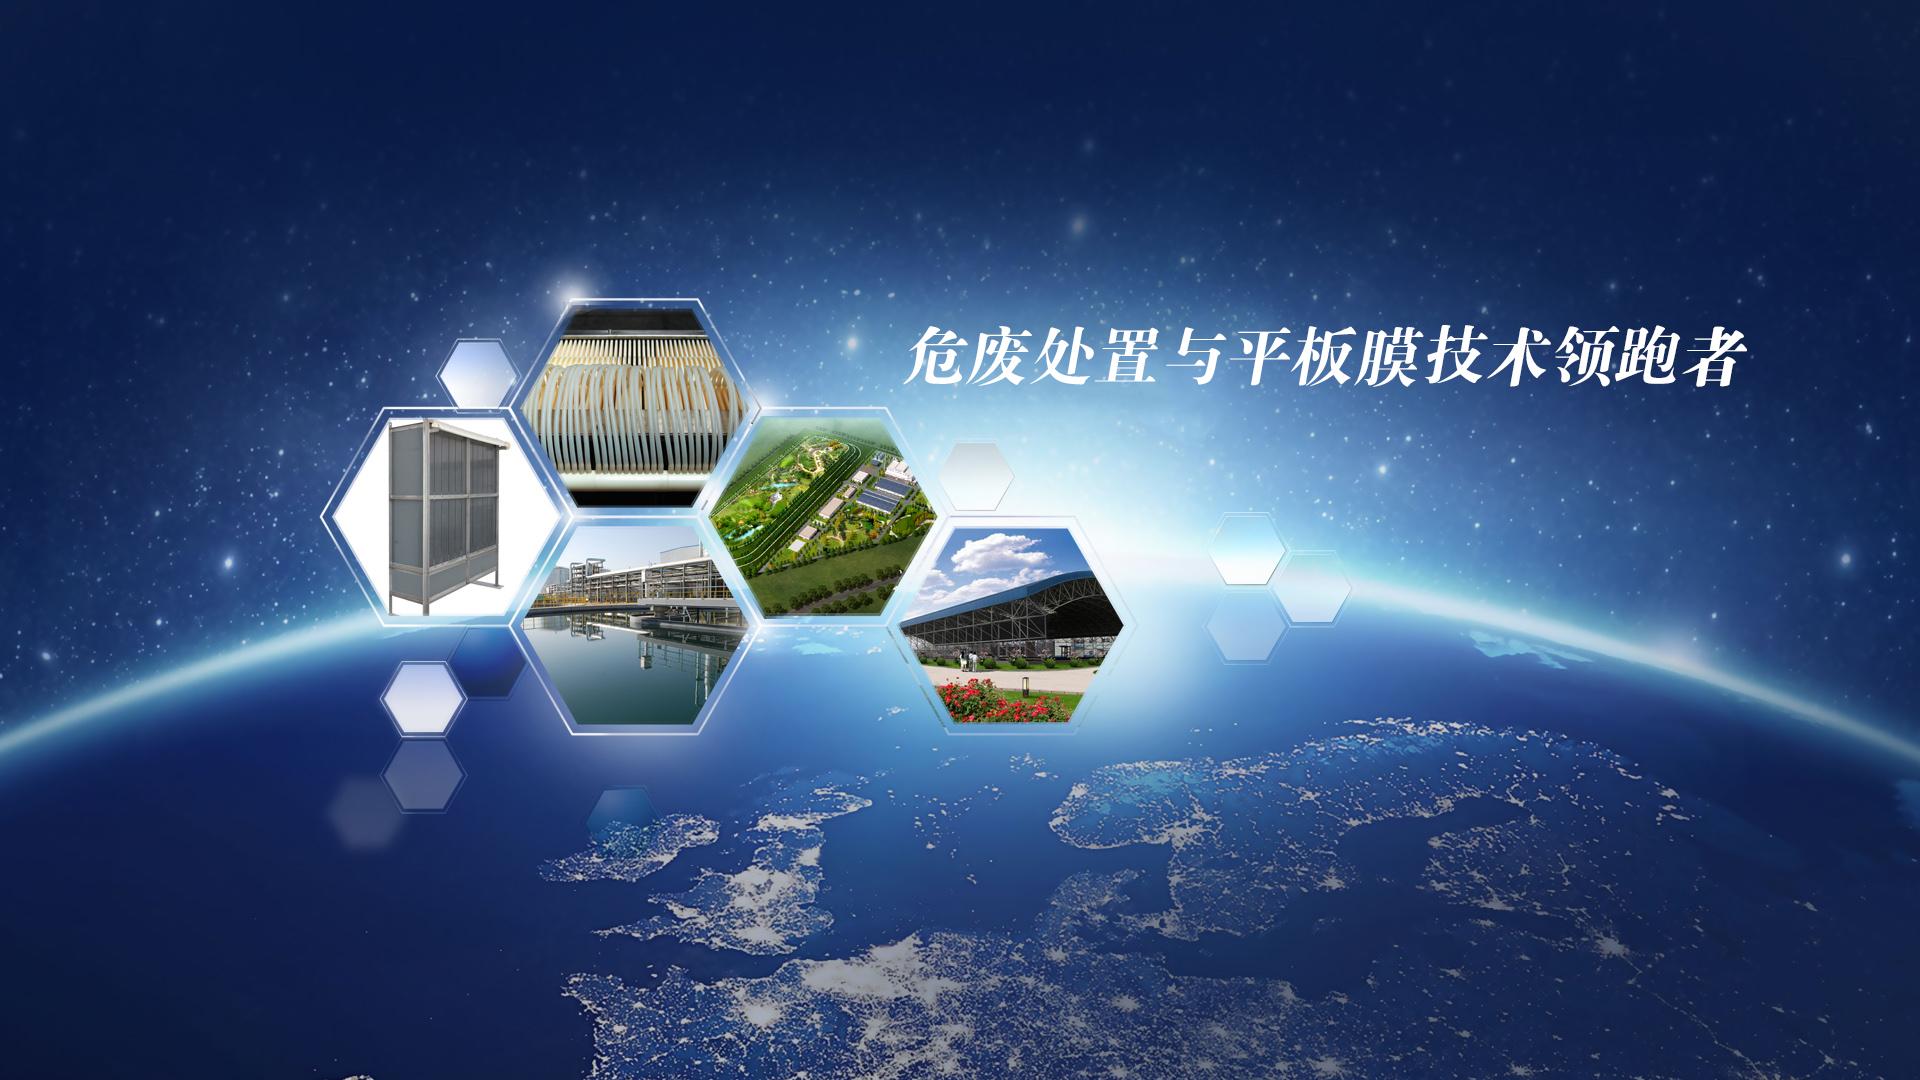 北京清威廉希尔首页华环境股份有限公司